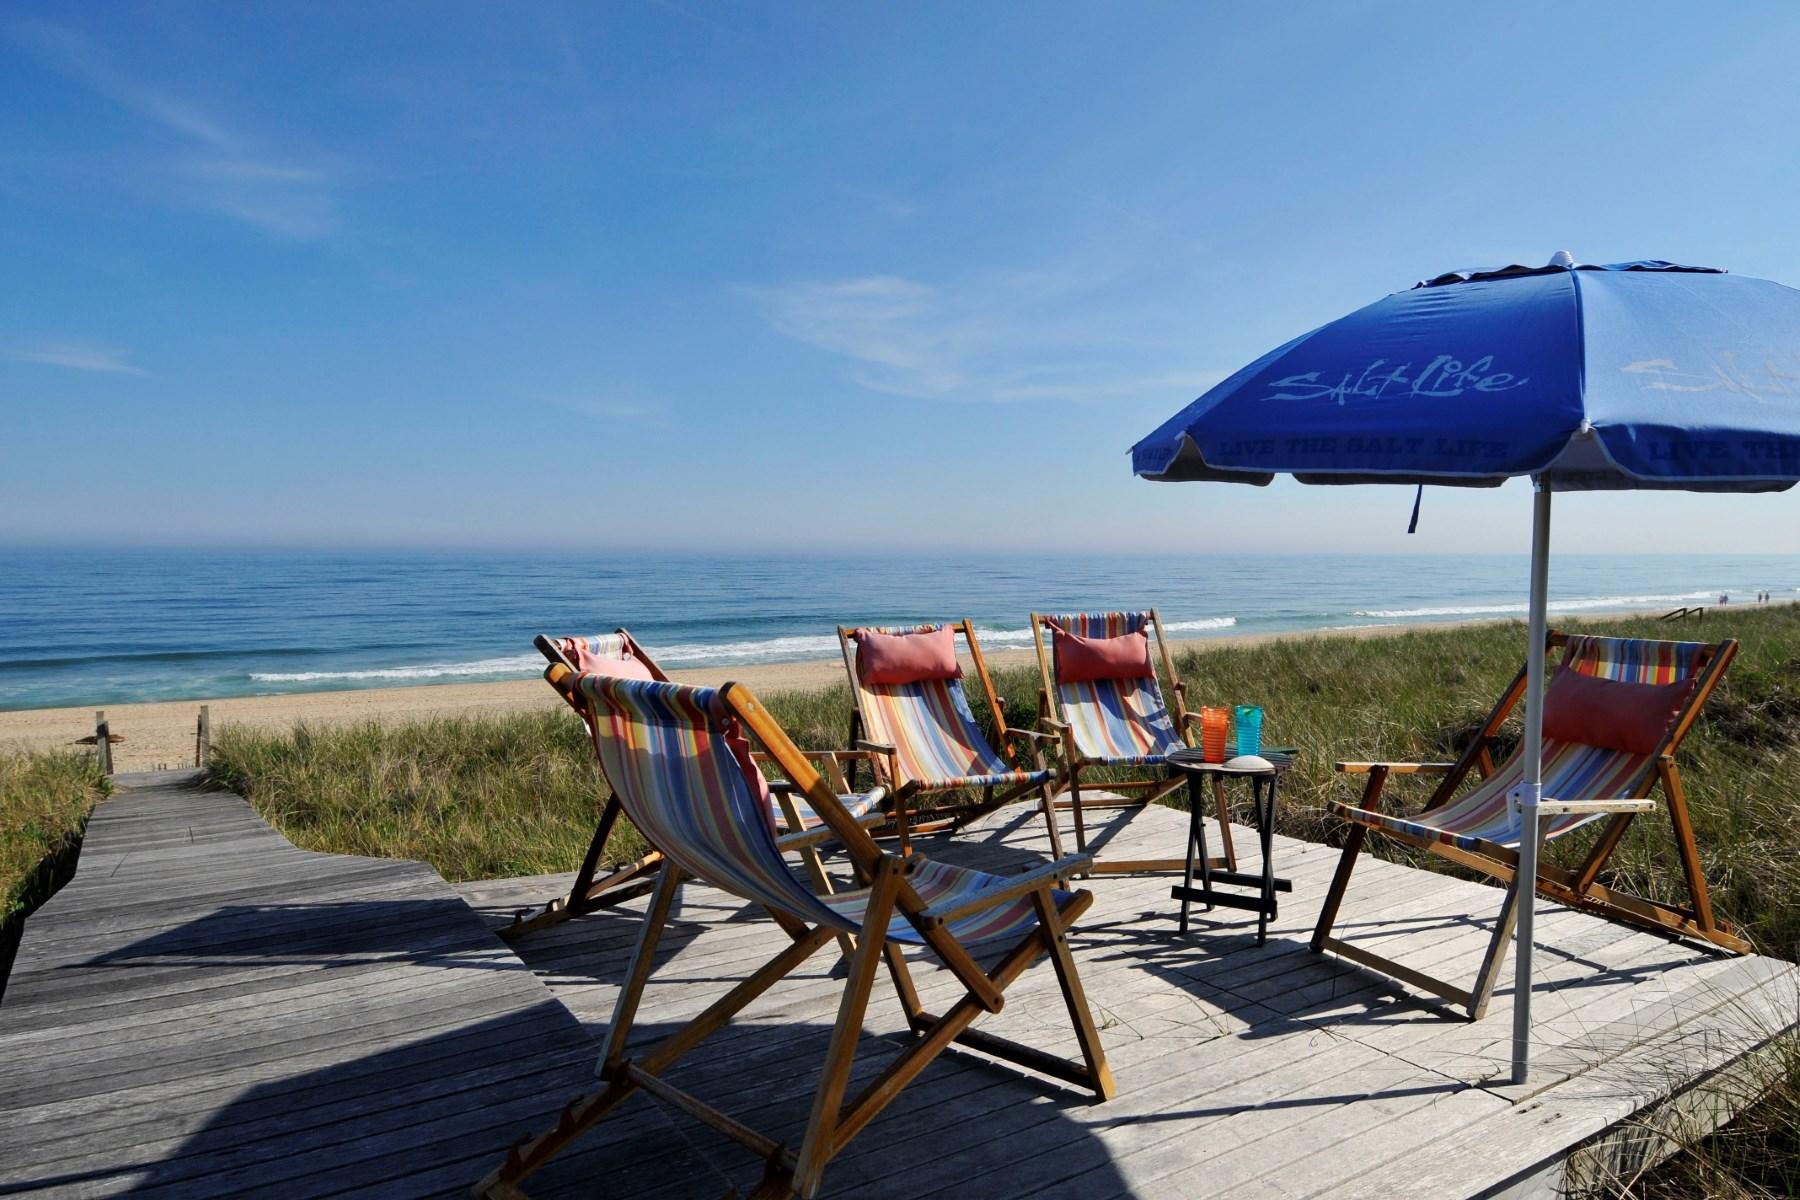 Single Family Home for Sale at Oceanfront Amagansett 261 Marine Boulevard Amagansett Dunes, Amagansett, New York 11930 United States